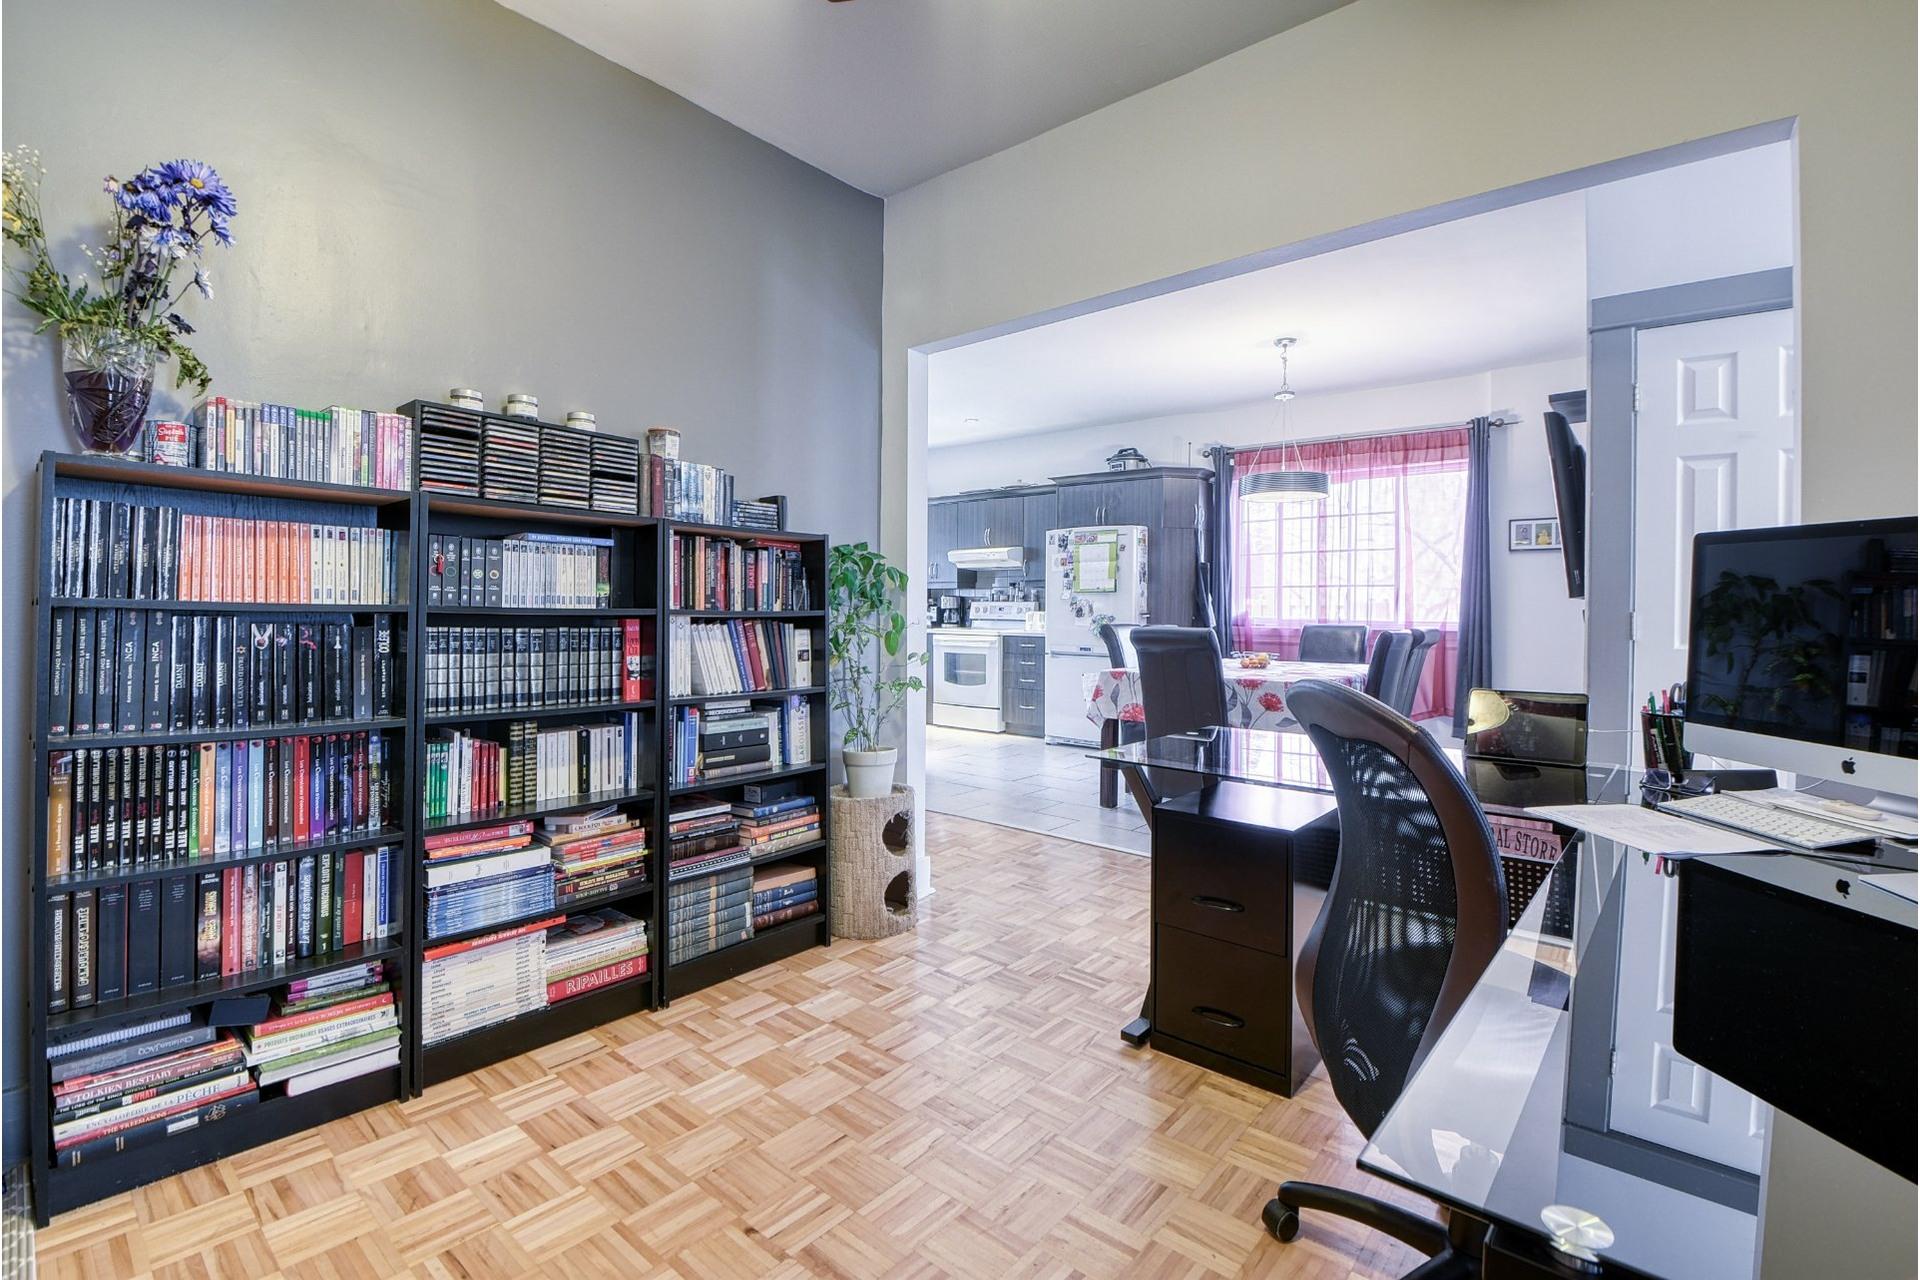 image 8 - Triplex For sale Le Sud-Ouest Montréal  - 9 rooms